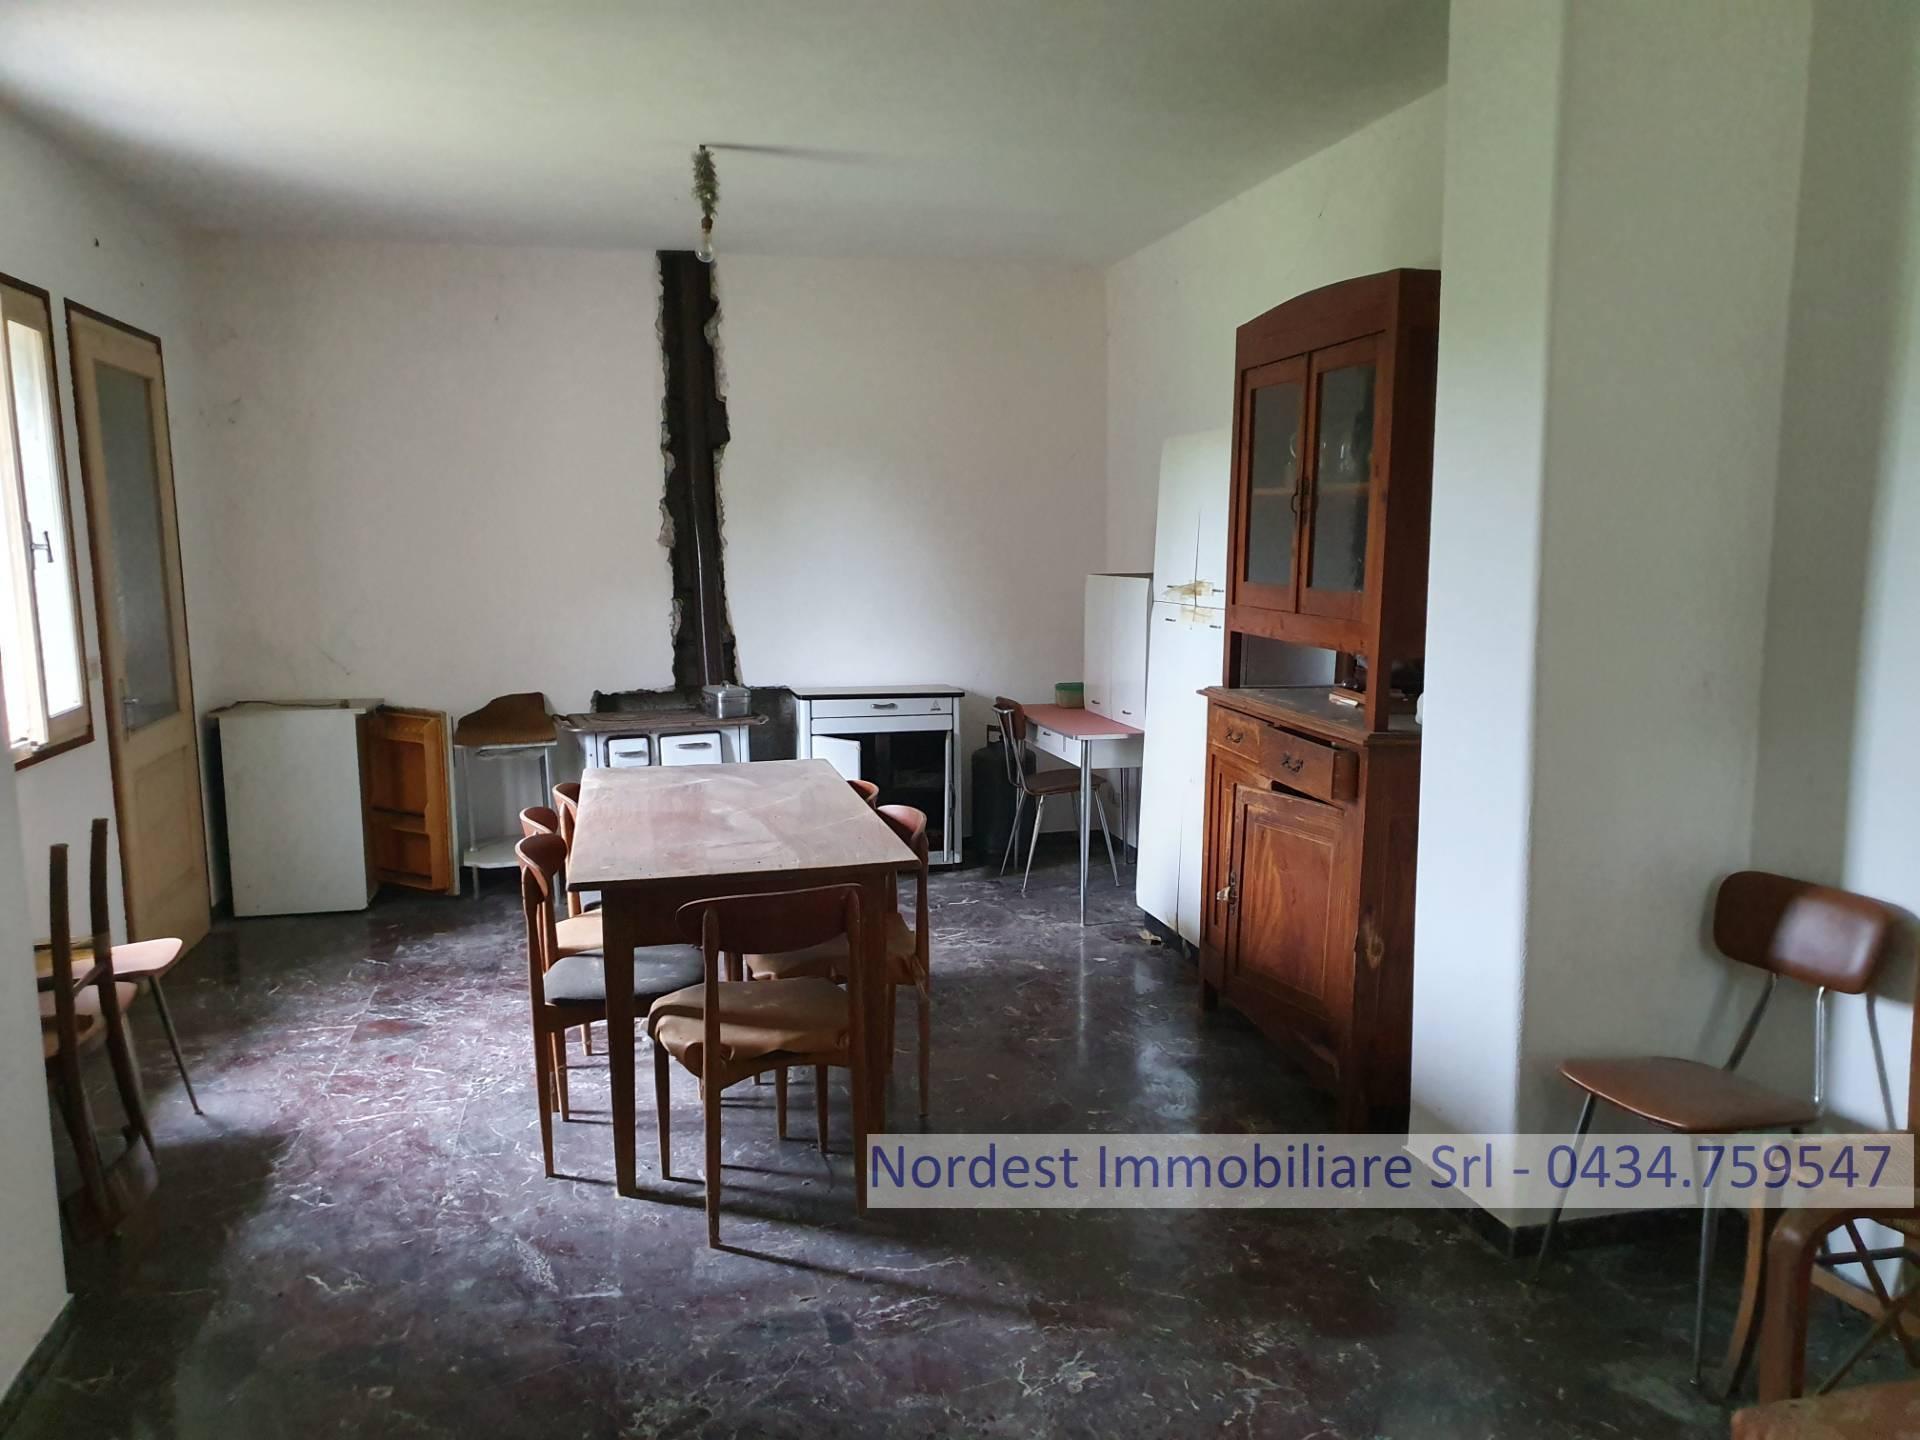 Soluzione Indipendente in vendita a Codognè, 9999 locali, prezzo € 100.000 | CambioCasa.it